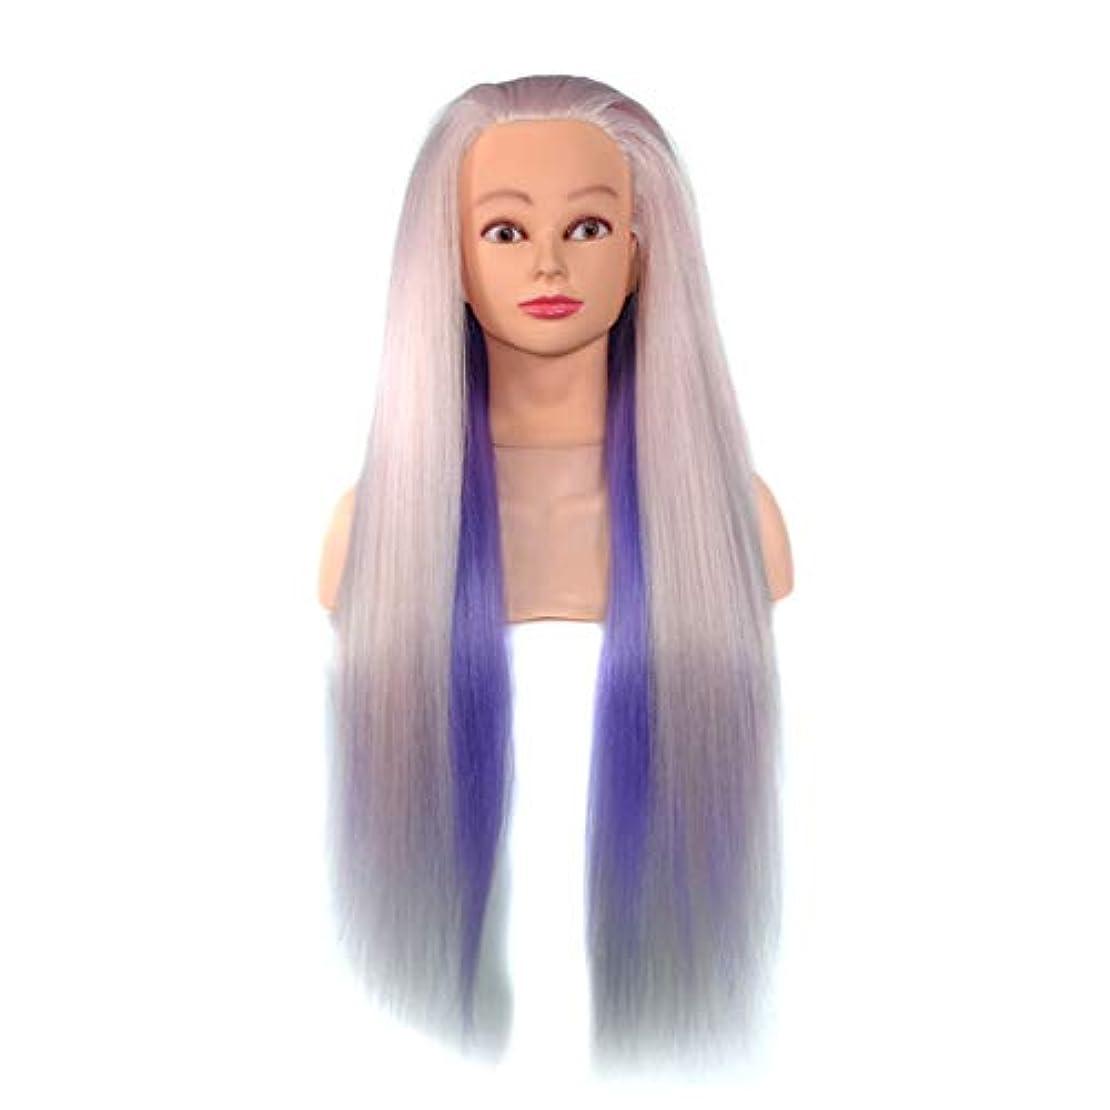 歌詞飛躍せっかち高温シルク花嫁編組エクササイズヘッドサロン教育グラデーショントレーニングヘッド理髪学習ヘッドモデル